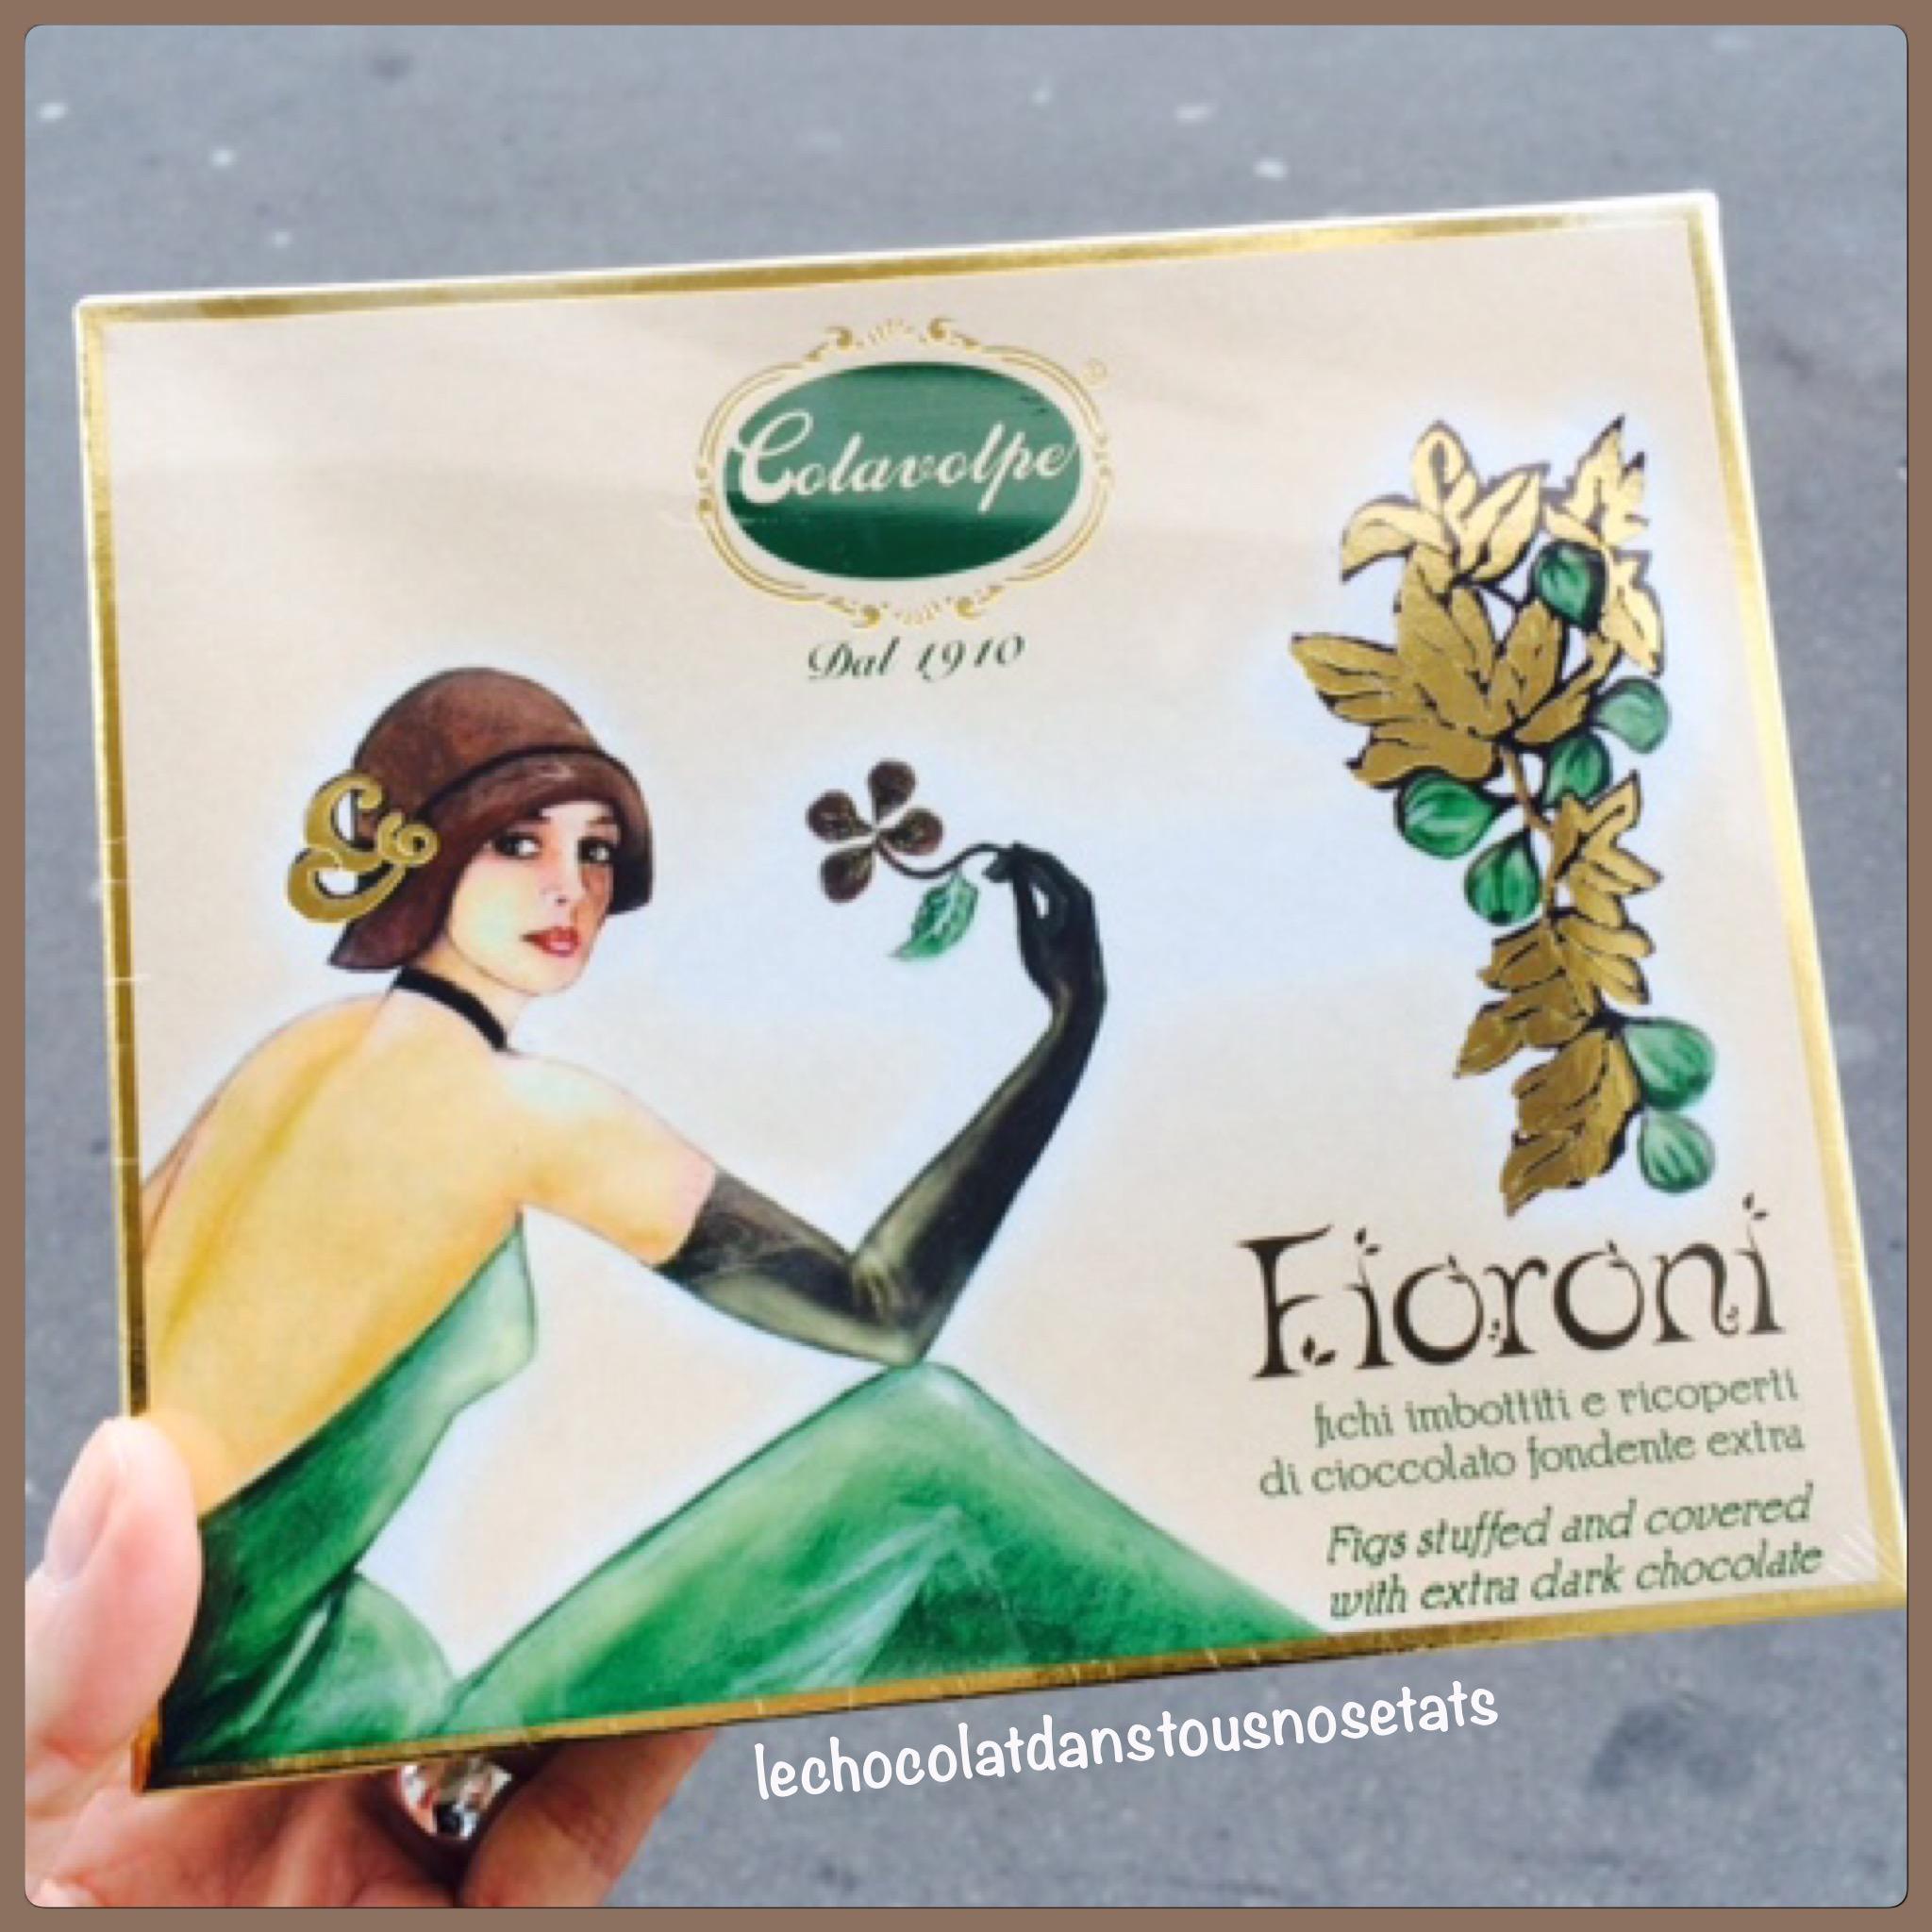 Les figues sèches enrobées au chocolat noir, FIORONI, COLAVOLPE